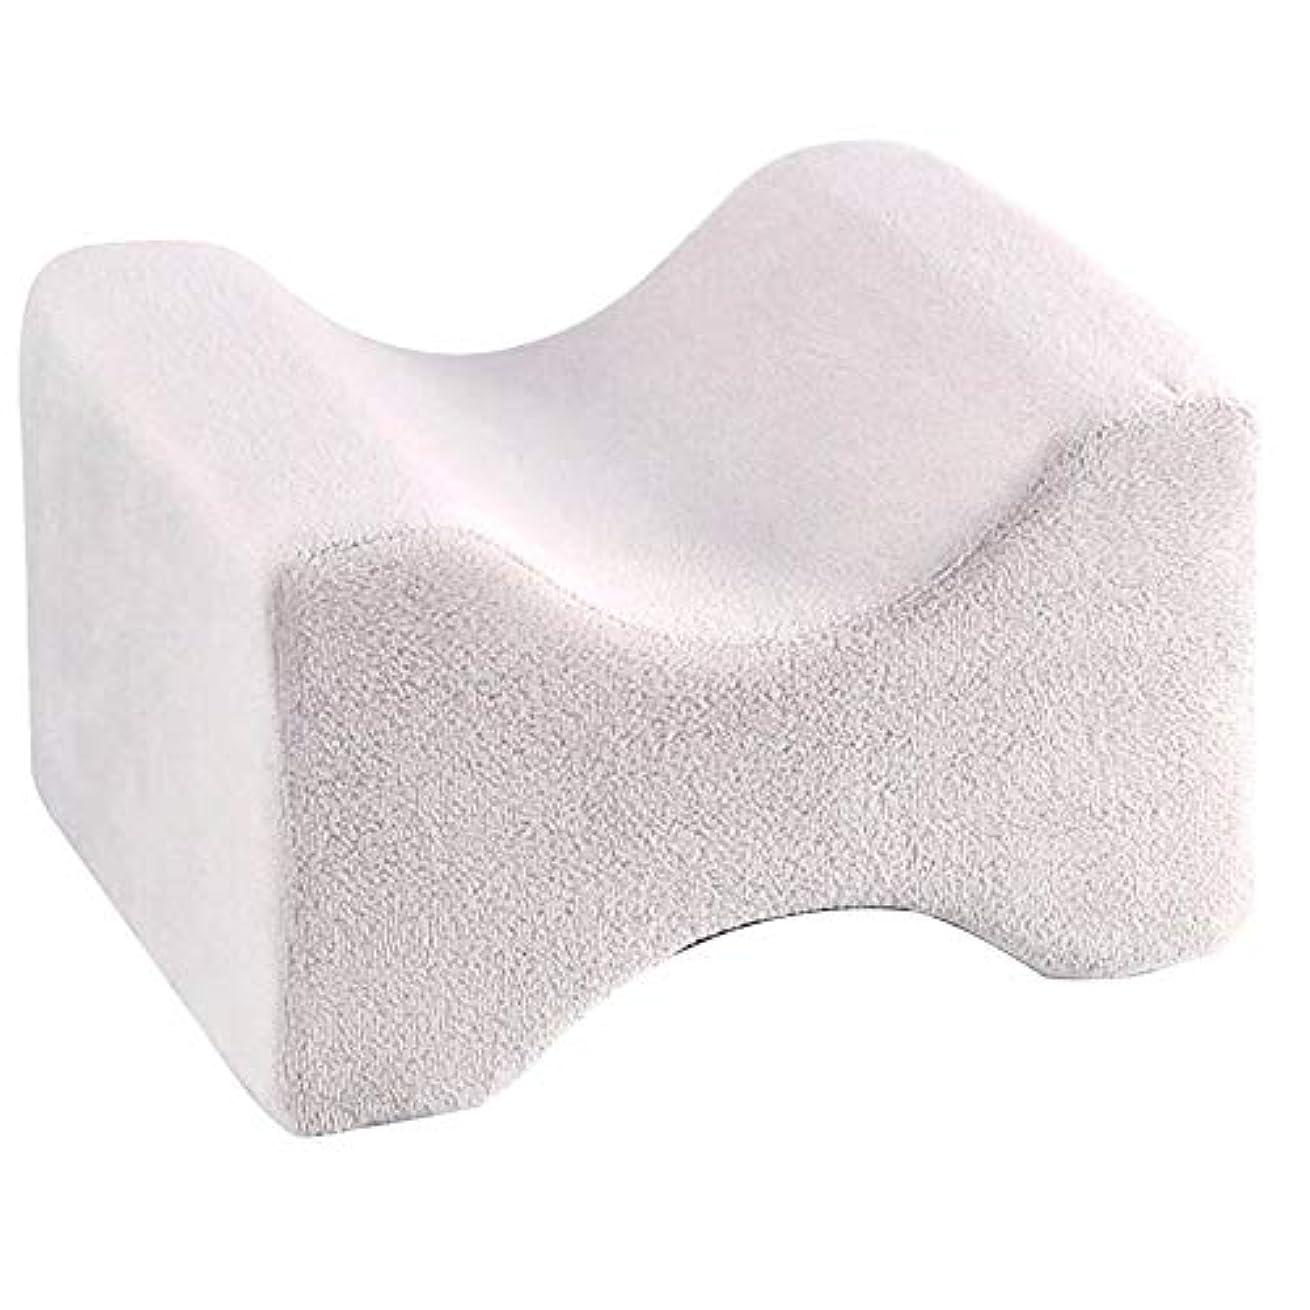 悲惨からに変化する寝具ソフト枕膝枕クリップ足低反発ウェッジ遅いリバウンドメモリ綿クランプマッサージ枕用男性女性